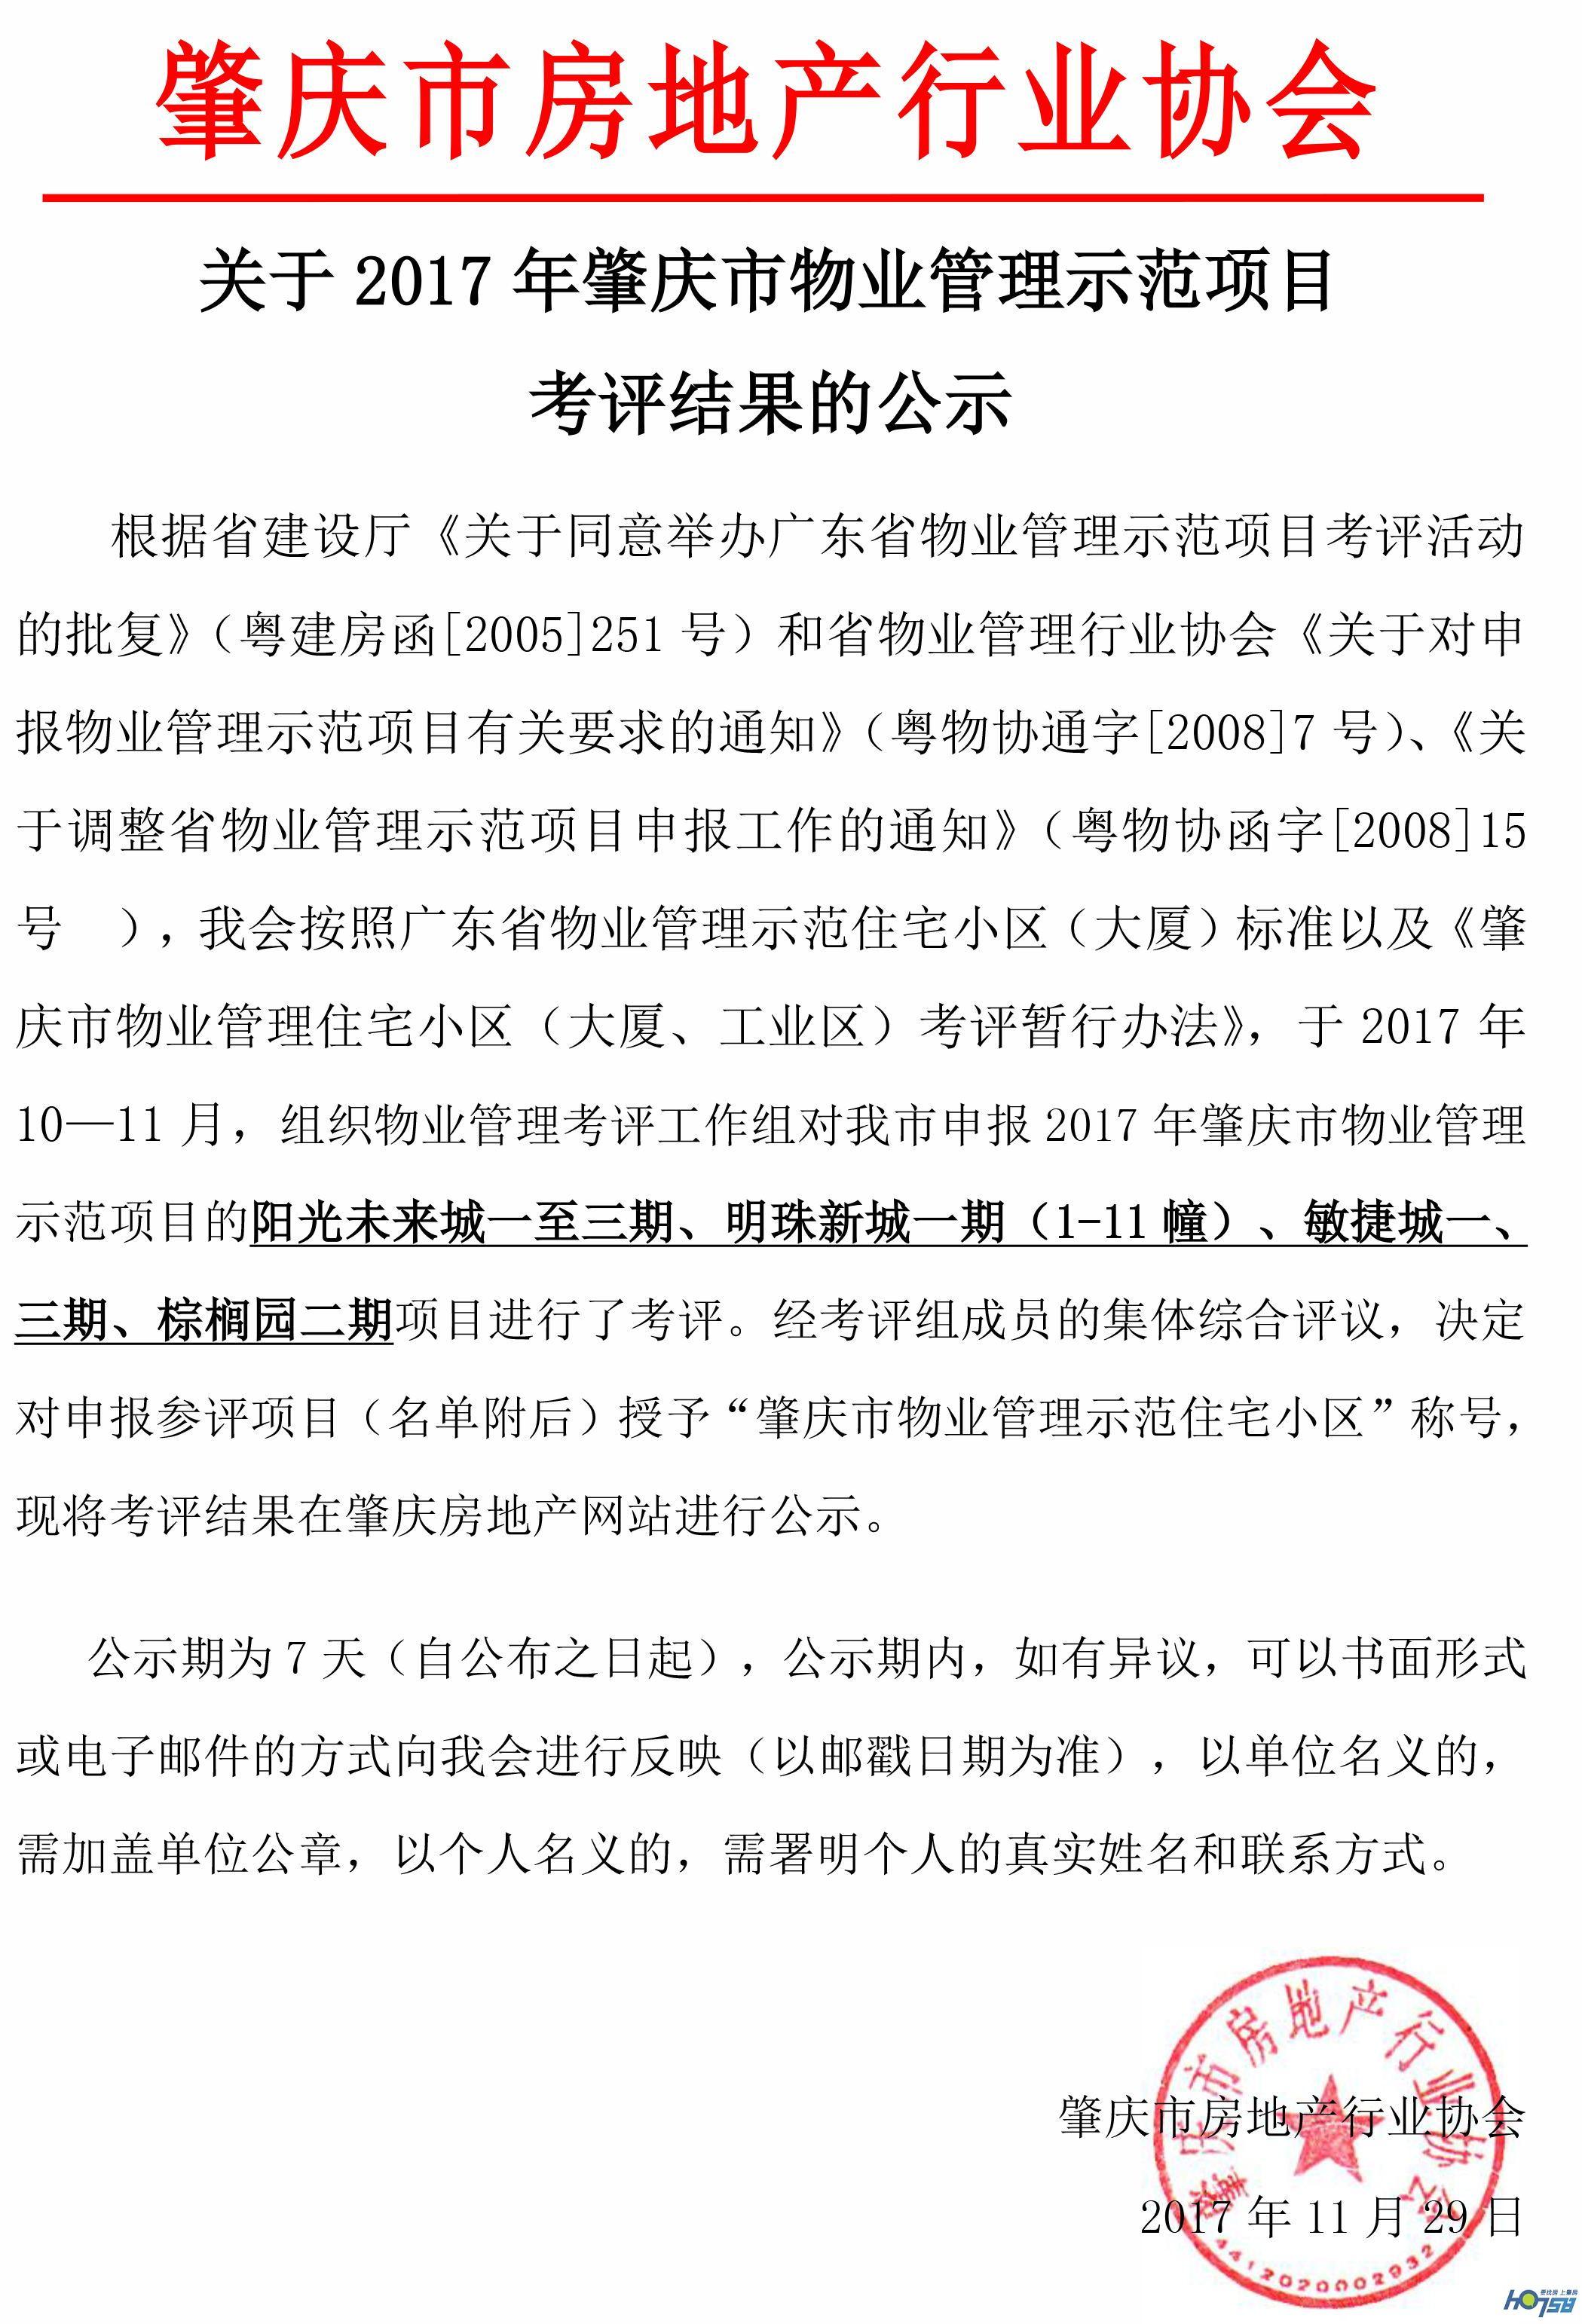 关于2017年肇庆市物业管理示范项目考评结果的公示-1_看图王.jpg